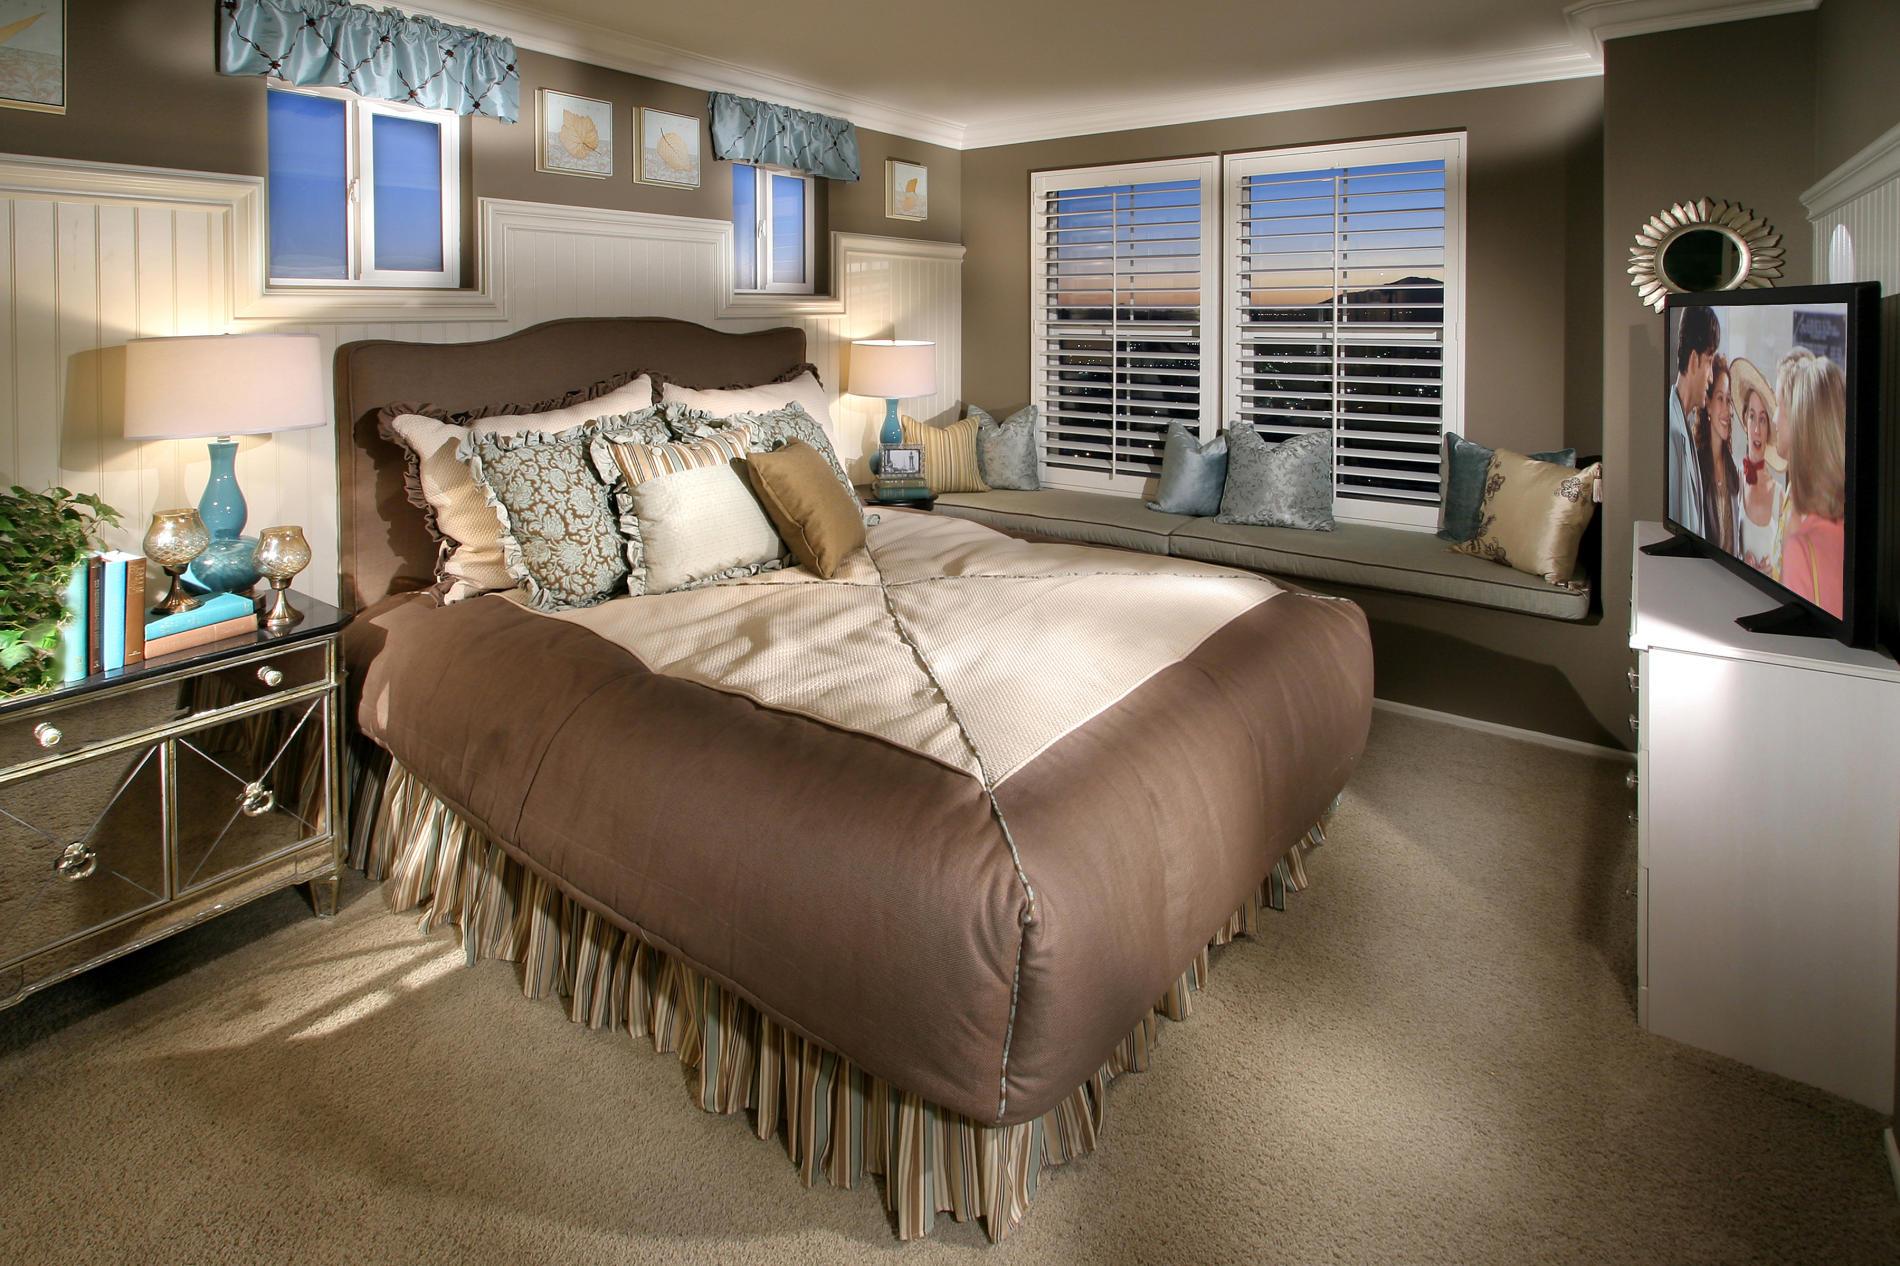 master bedroom ideas best bedroom romantic interior bedroom